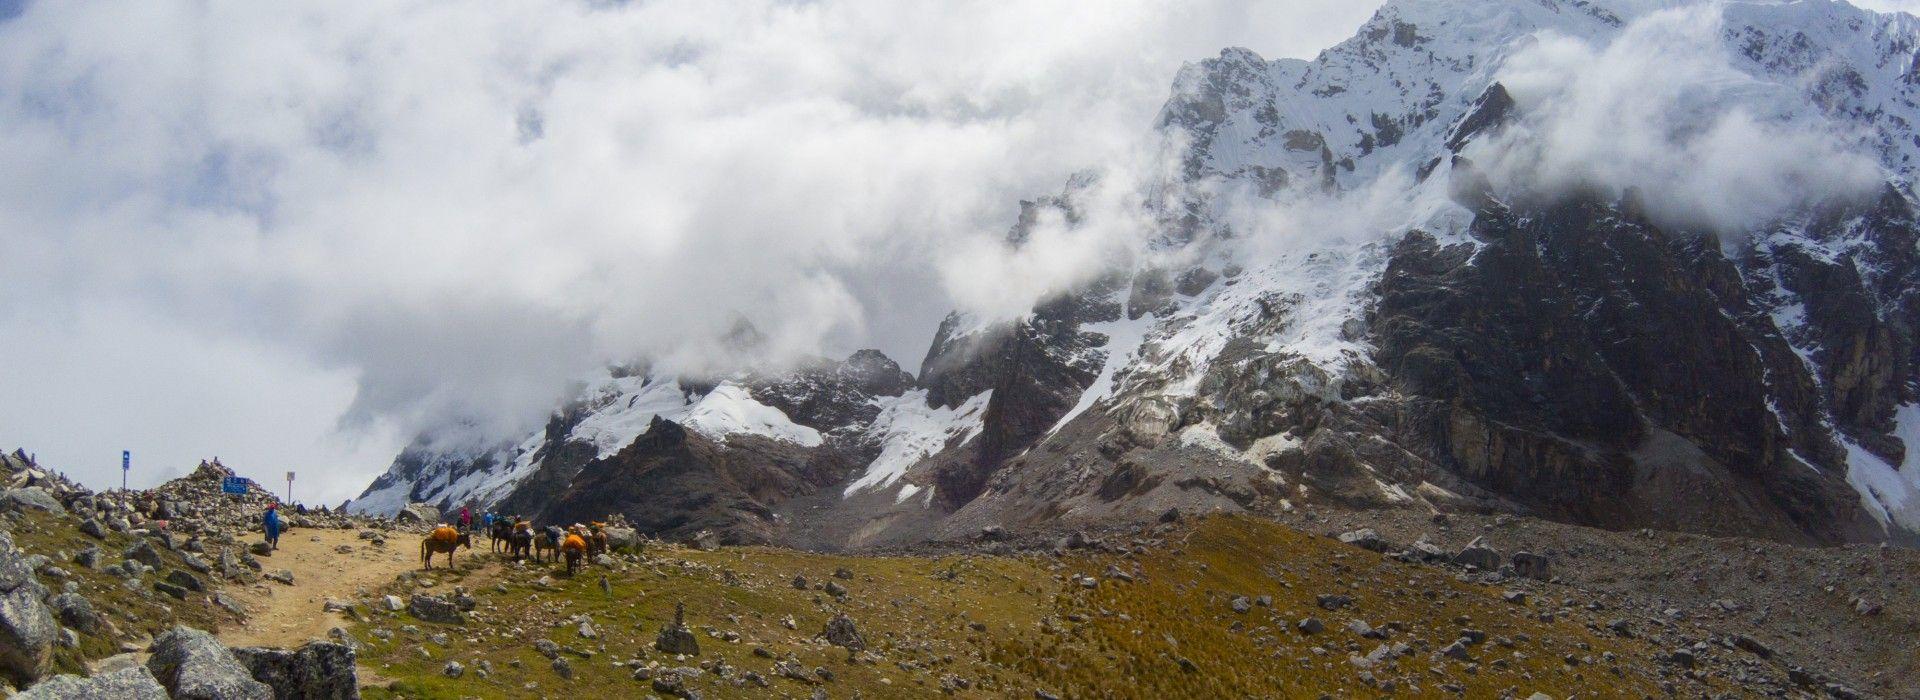 Adventure Tours in Peru